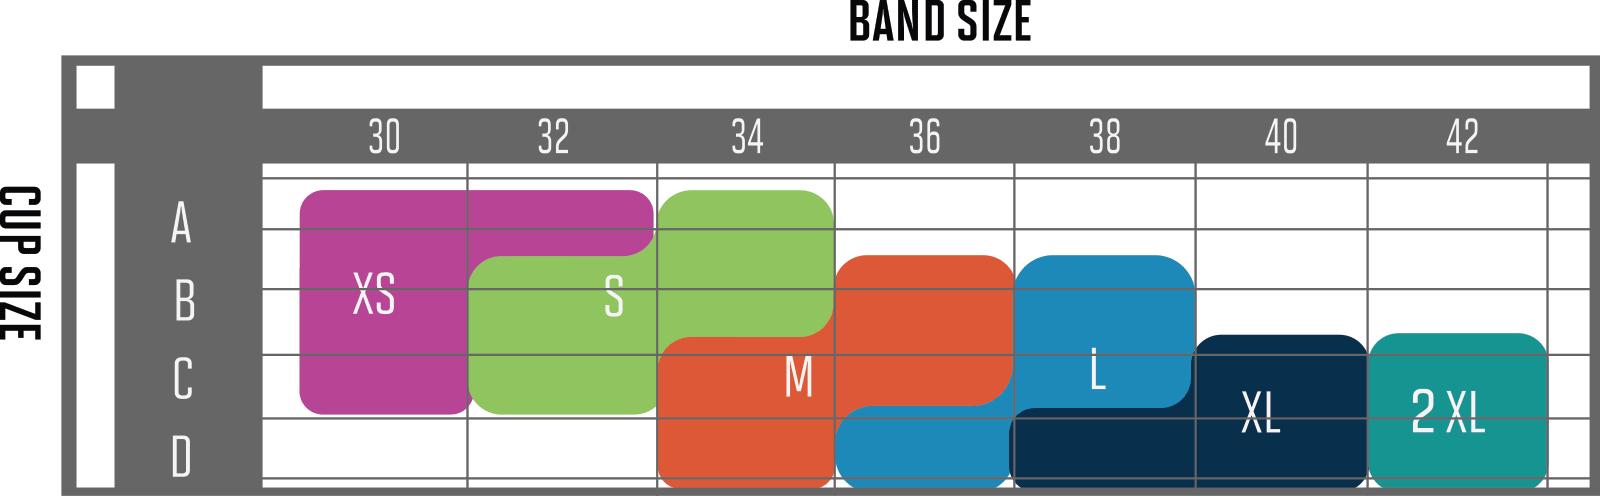 Augusta Sportswear Bra Size Chart